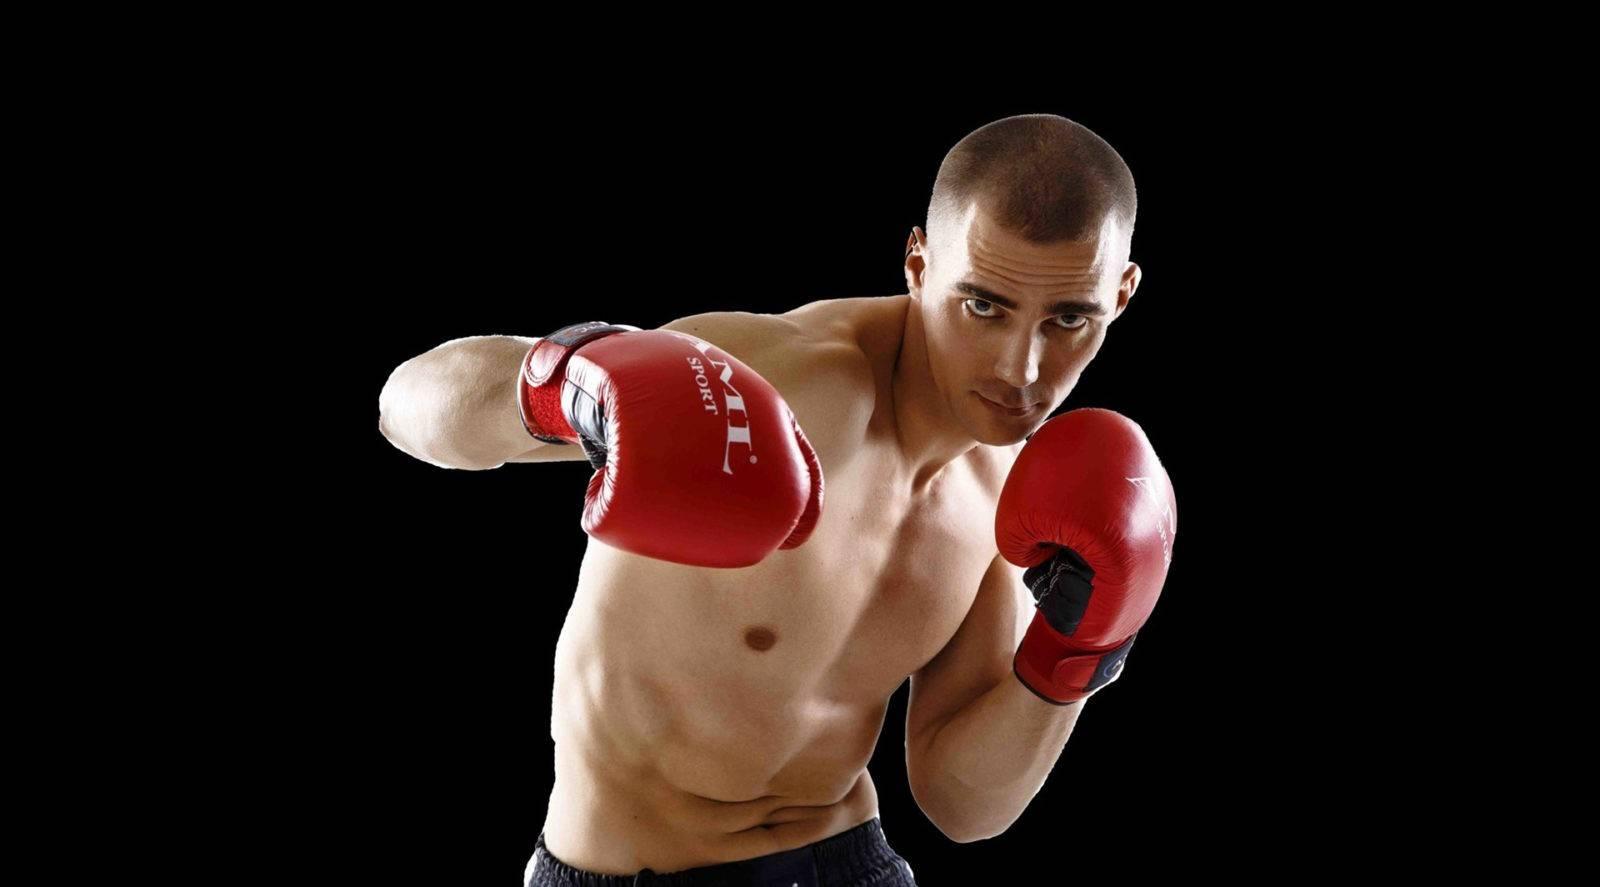 Можно ли качаться и заниматься боксом? - клуб бокса moscowboxing